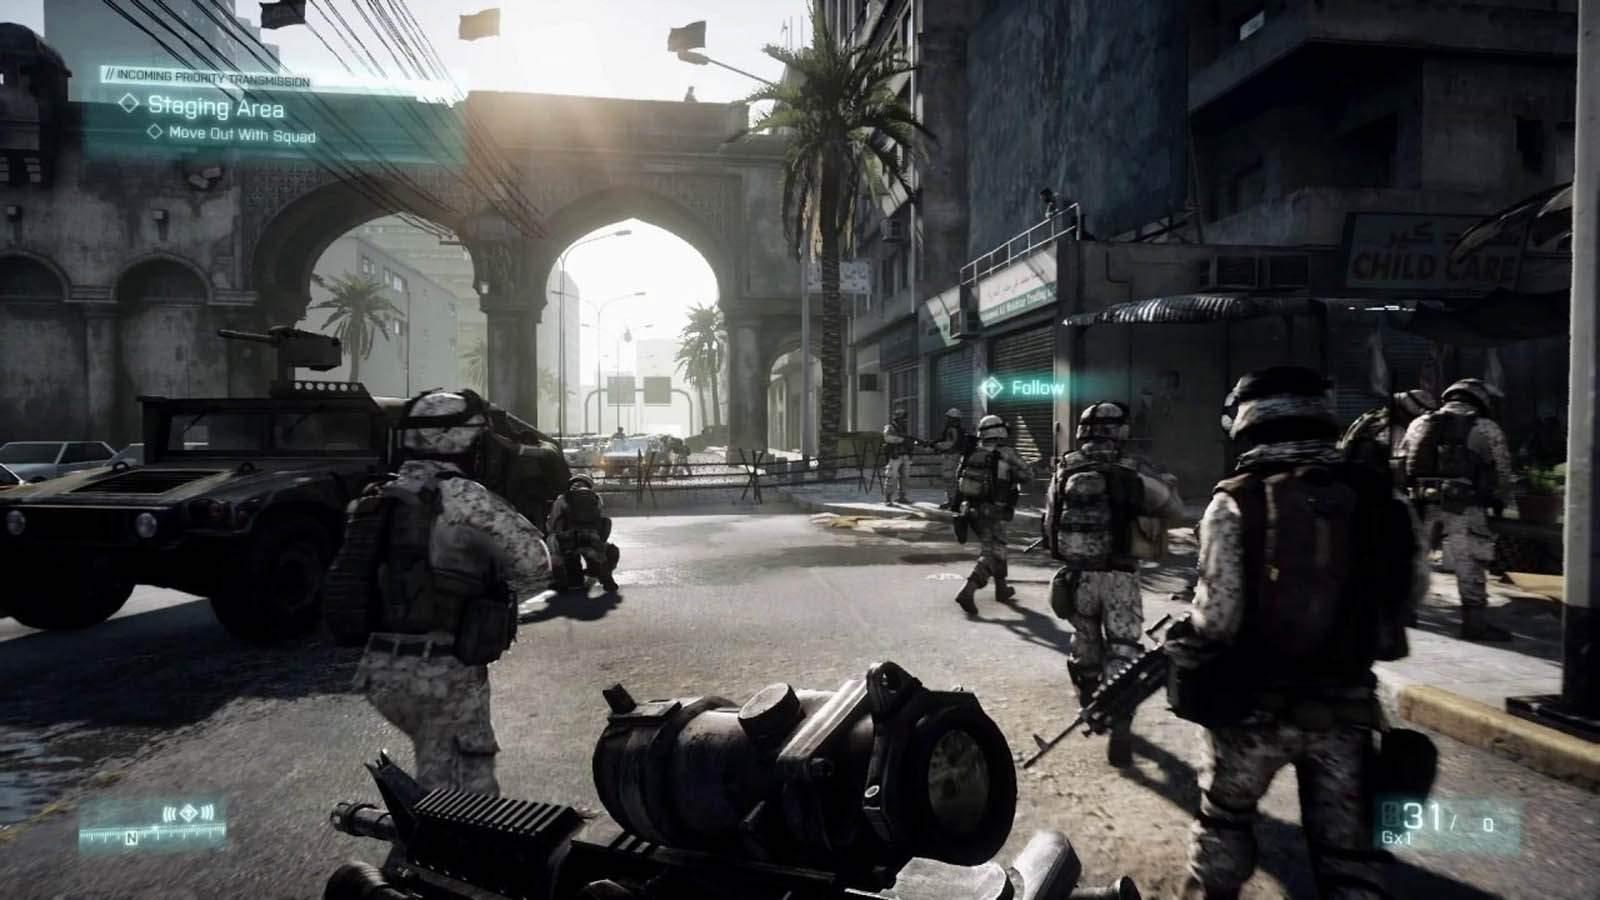 تحميل لعبة Battlefield 3 مضغوطة برابط واحد مباشر + تورنت كاملة مجانا